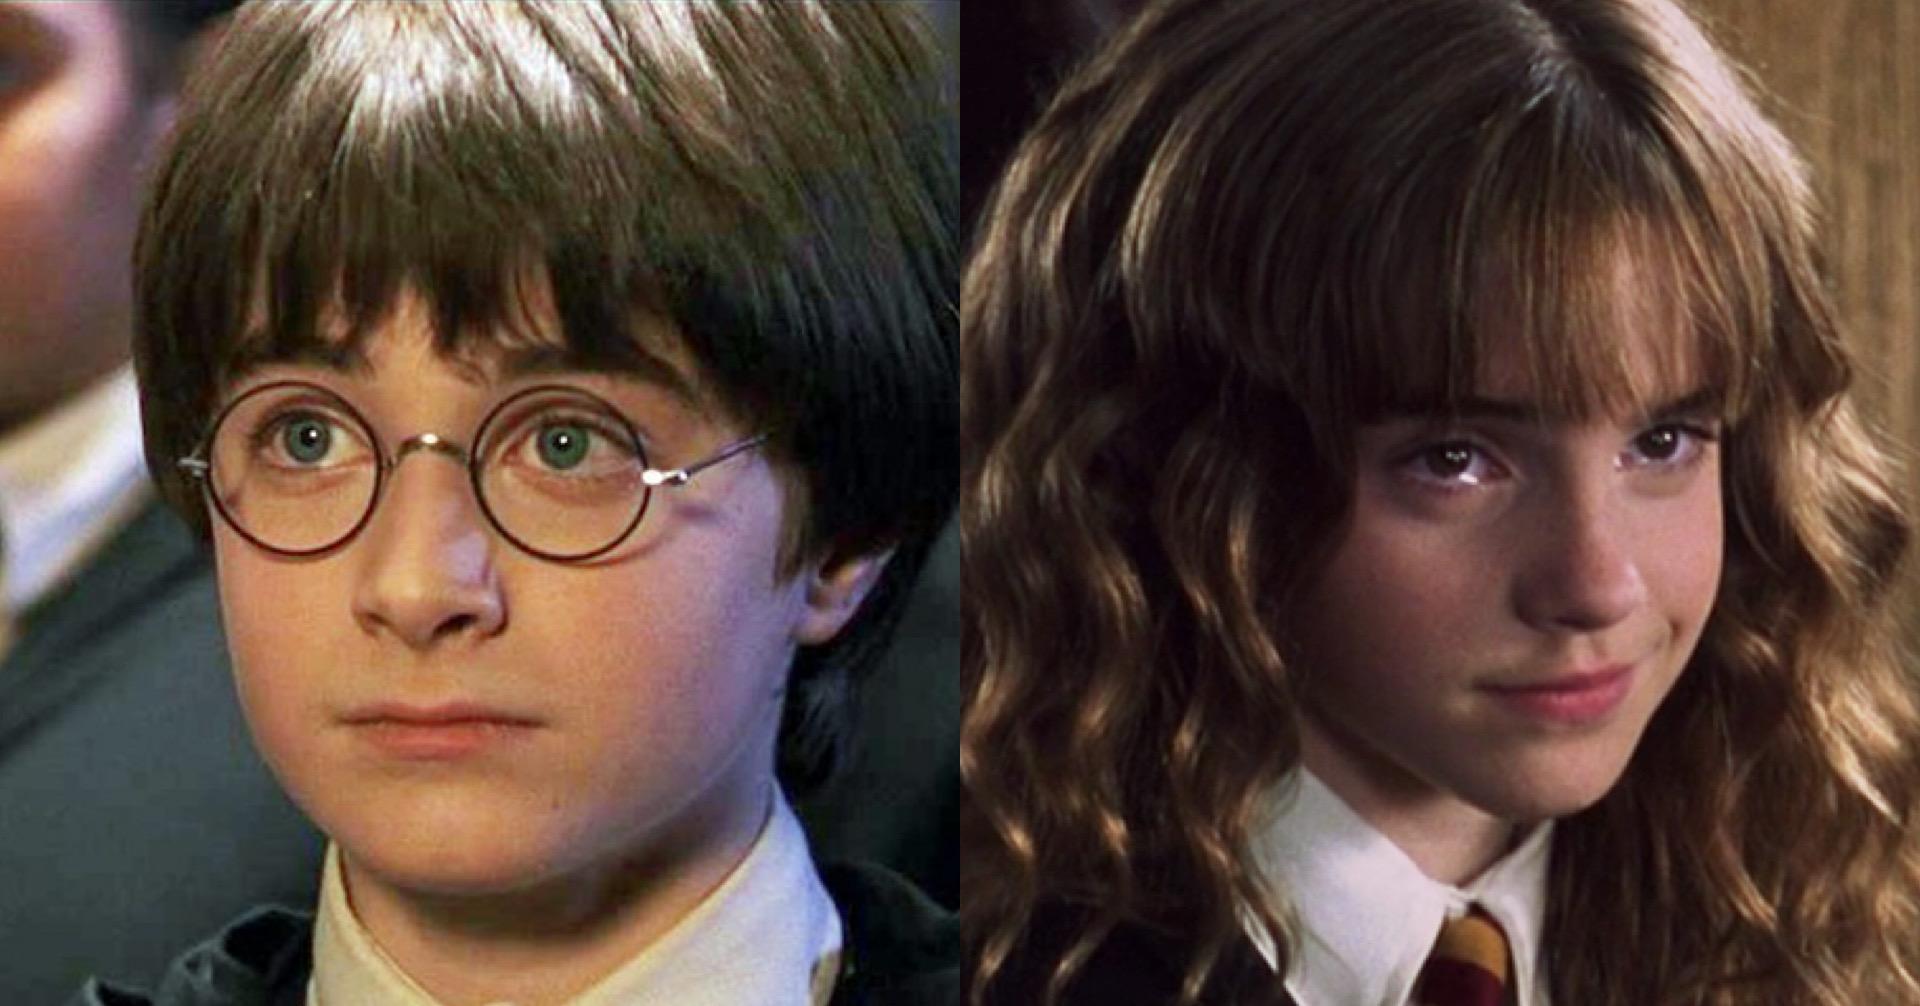 《哈利·波特》曝光羅琳創作每一個角色的真實原型!有了他們才有我們記憶中的巫師與麻瓜!- 我們用電影寫日記